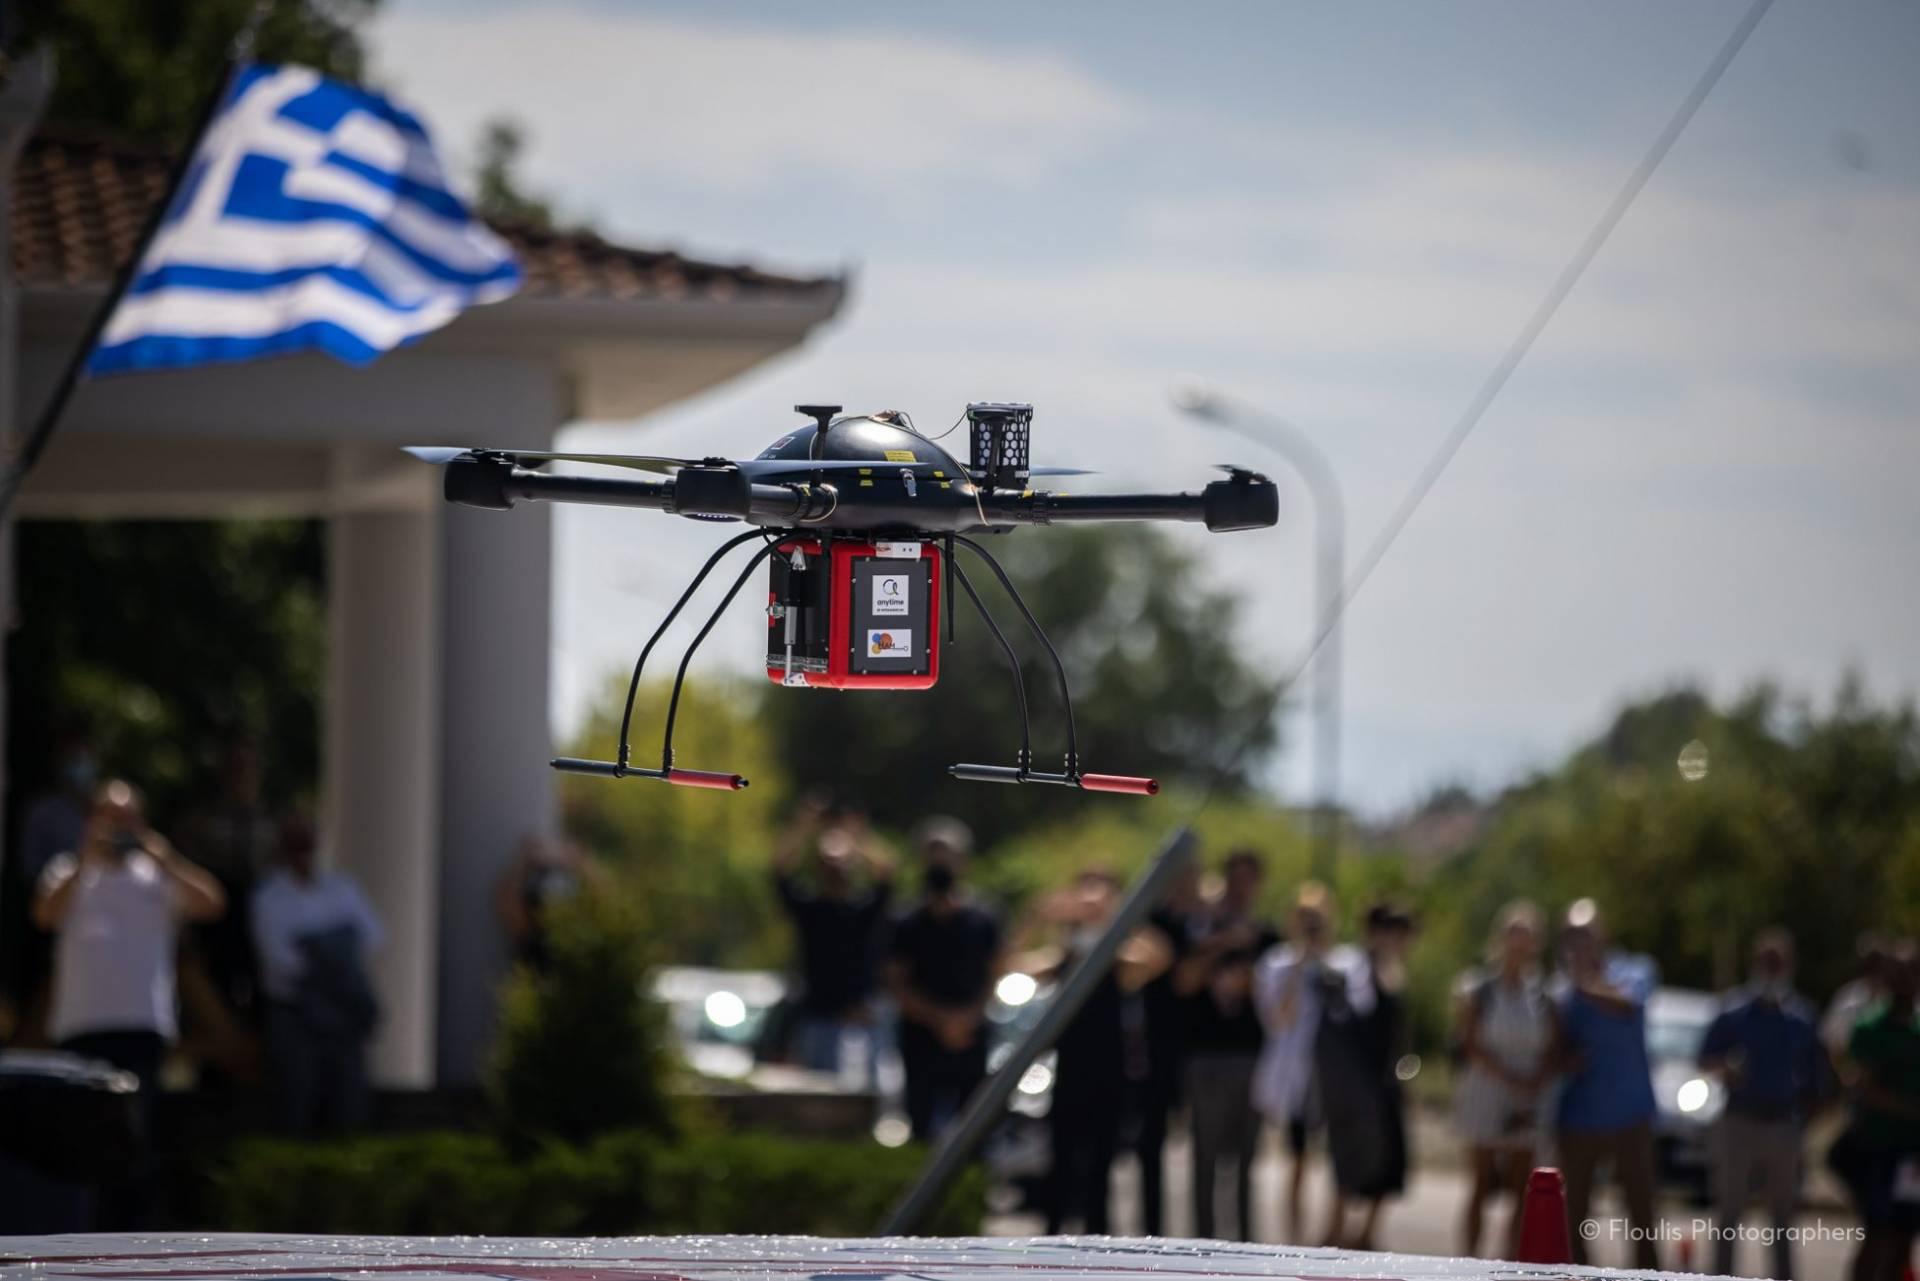 Τα Τρίκαλα πρωτοπορούν – Μοιράζουν φάρμακα με drone